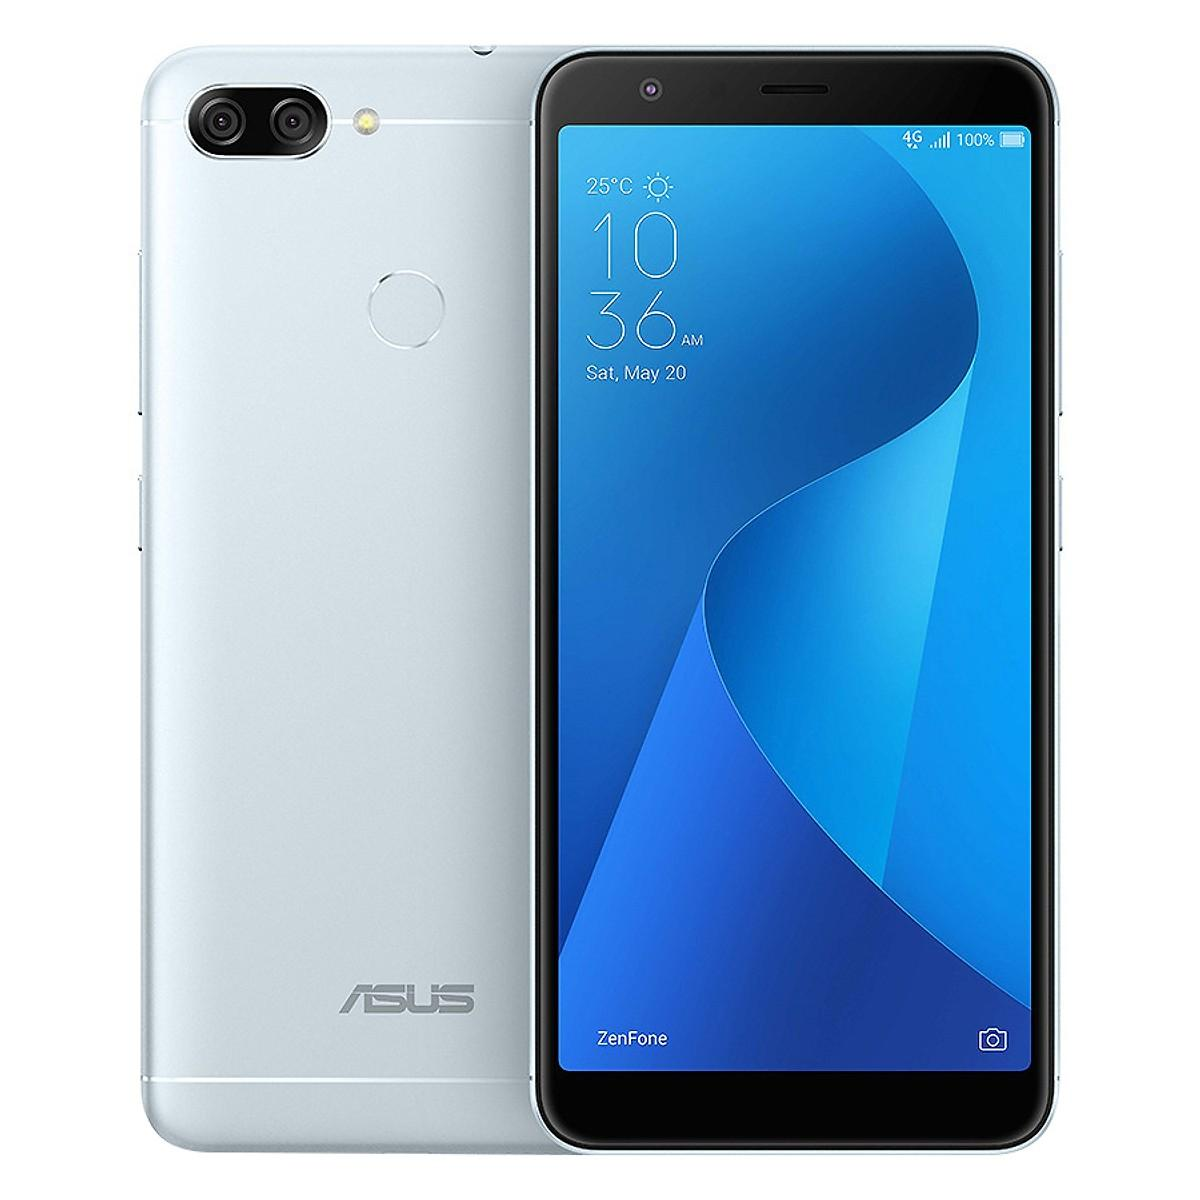 Điện Thoại Asus Zenfone Max Plus M1 ZB570TL - 32GB, Ram 3GB